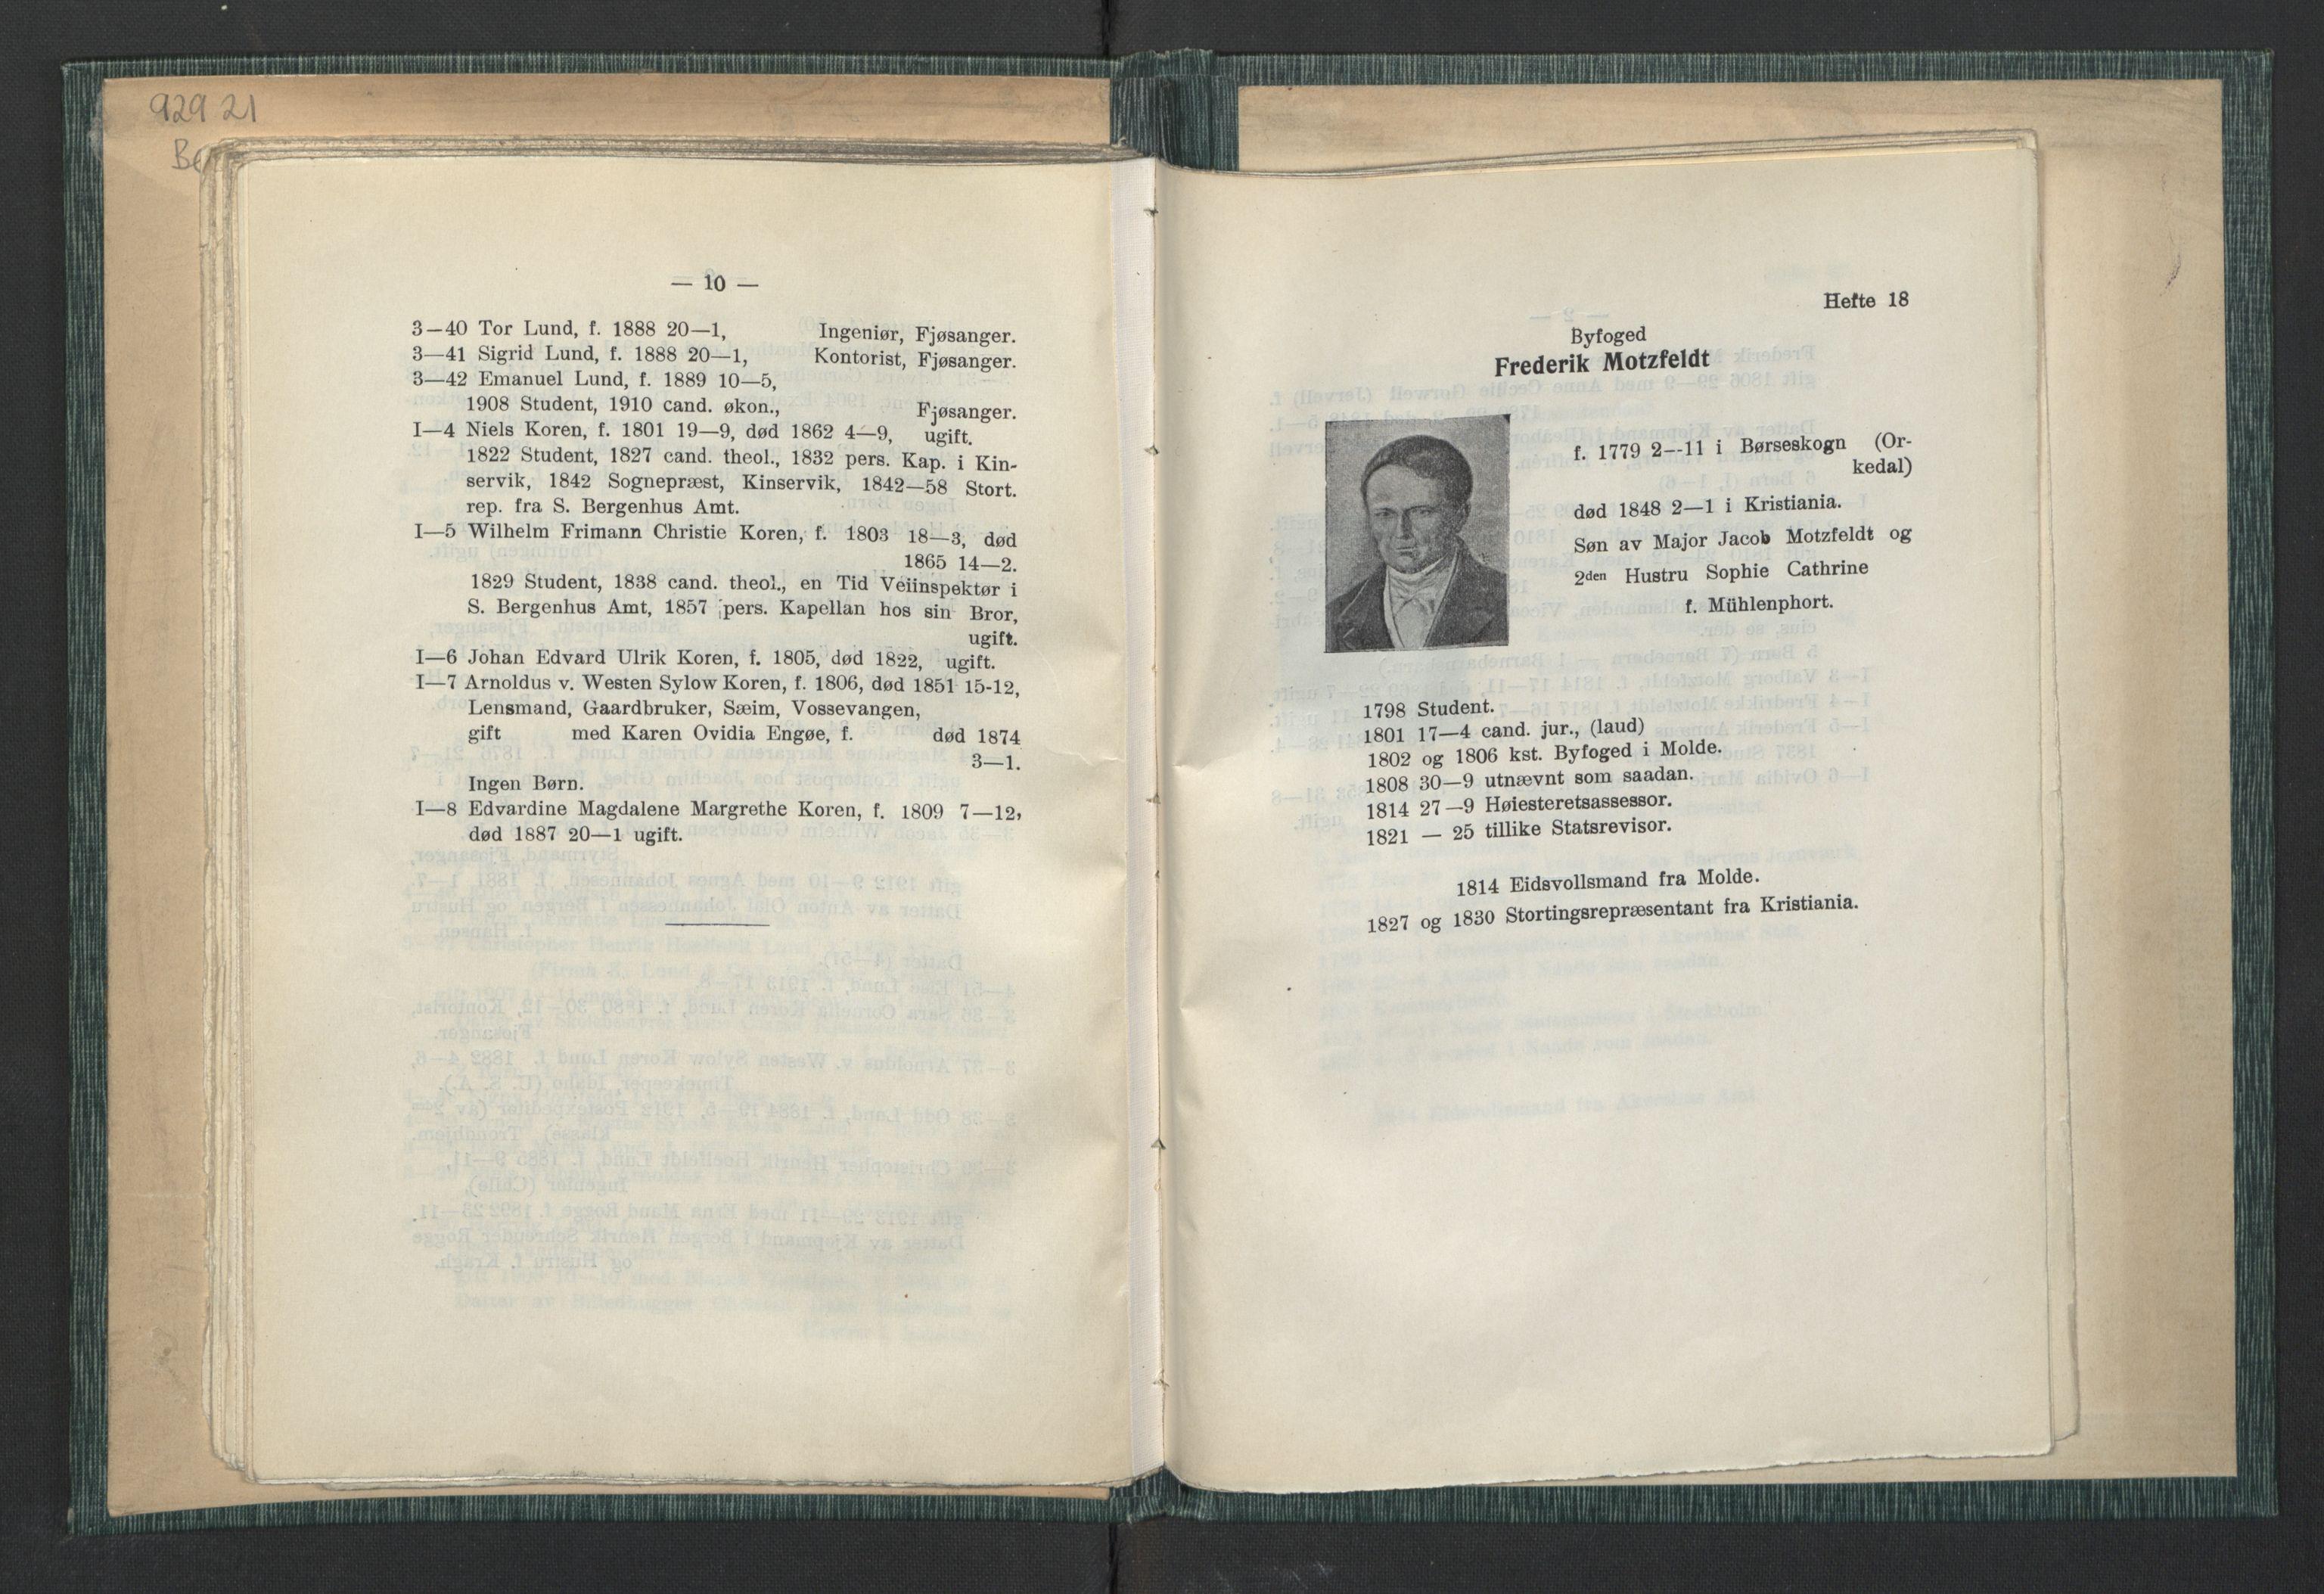 RA, Publikasjoner*, 1914, s. 63